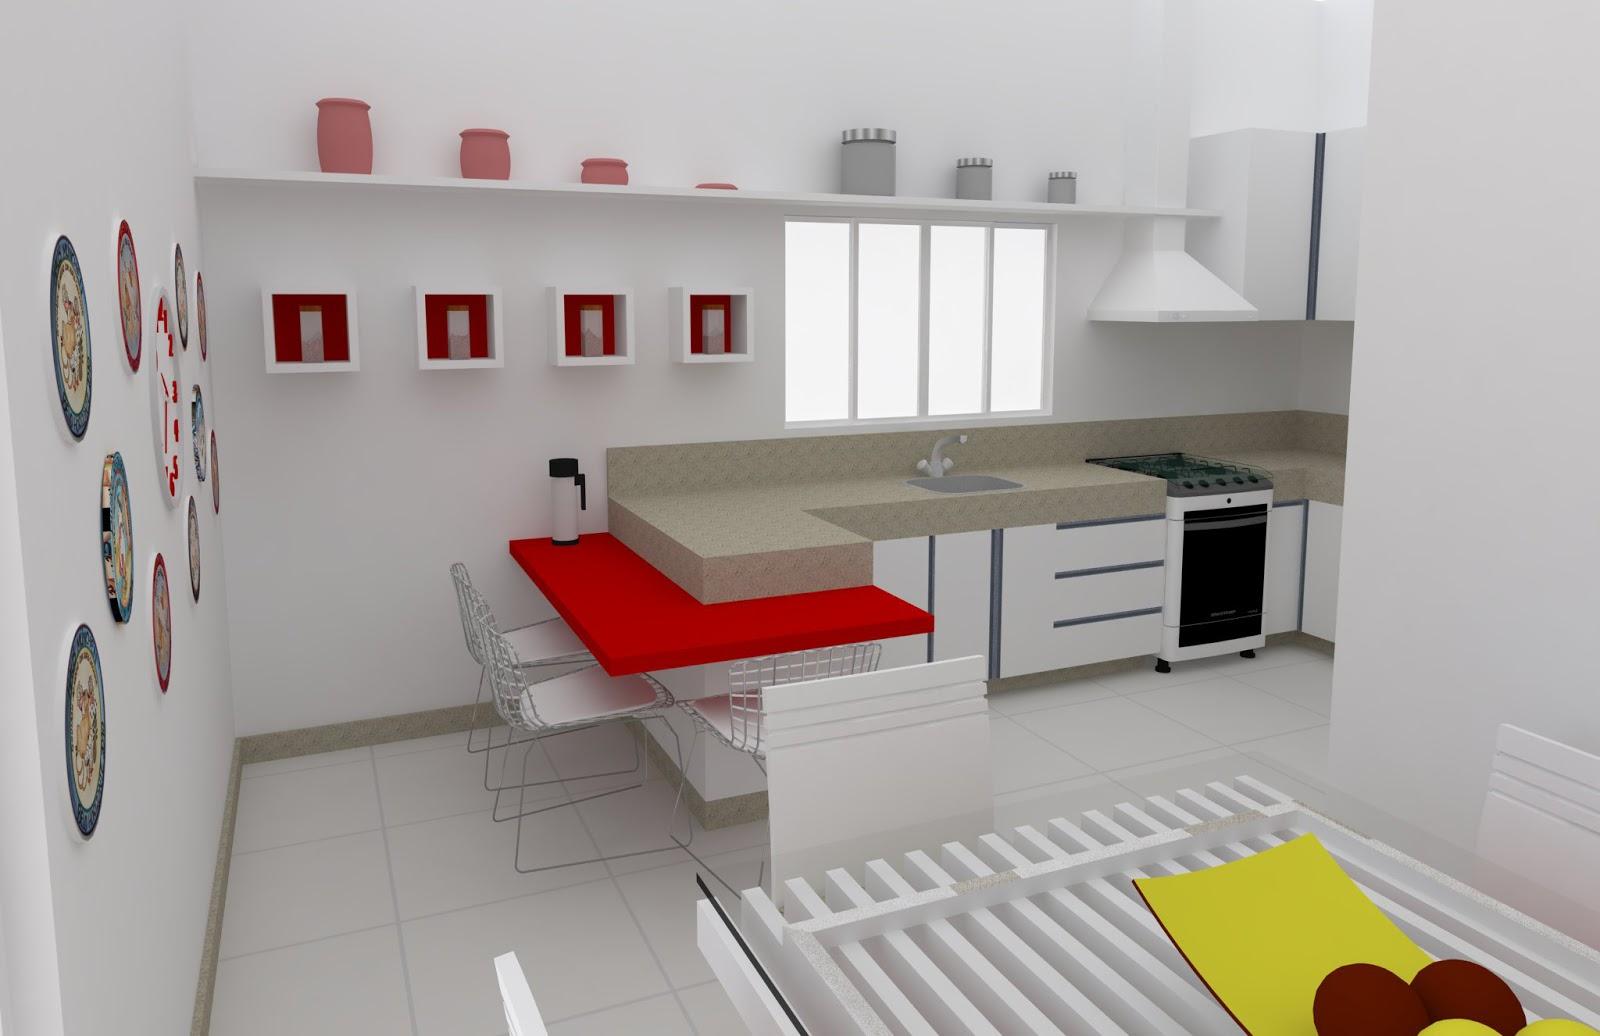 #811512 Época Arquitetura Restauro Decoração Paisagismo: PROJETO DE  1600x1036 px Projetos De Cozinhas   Arquitetura #419 imagens